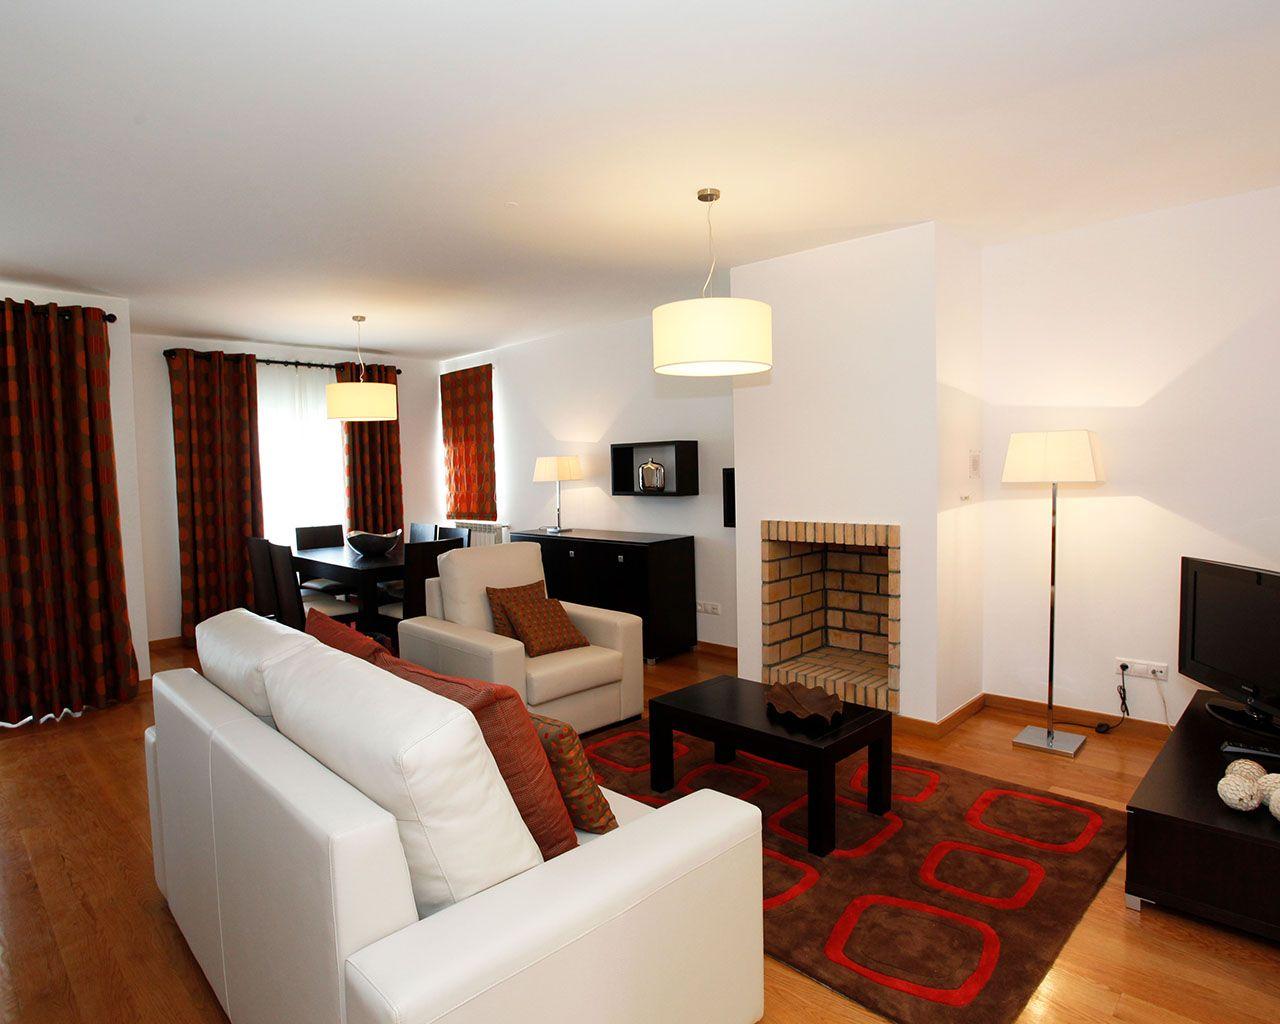 Sala de Estar - Apartamento Triplex